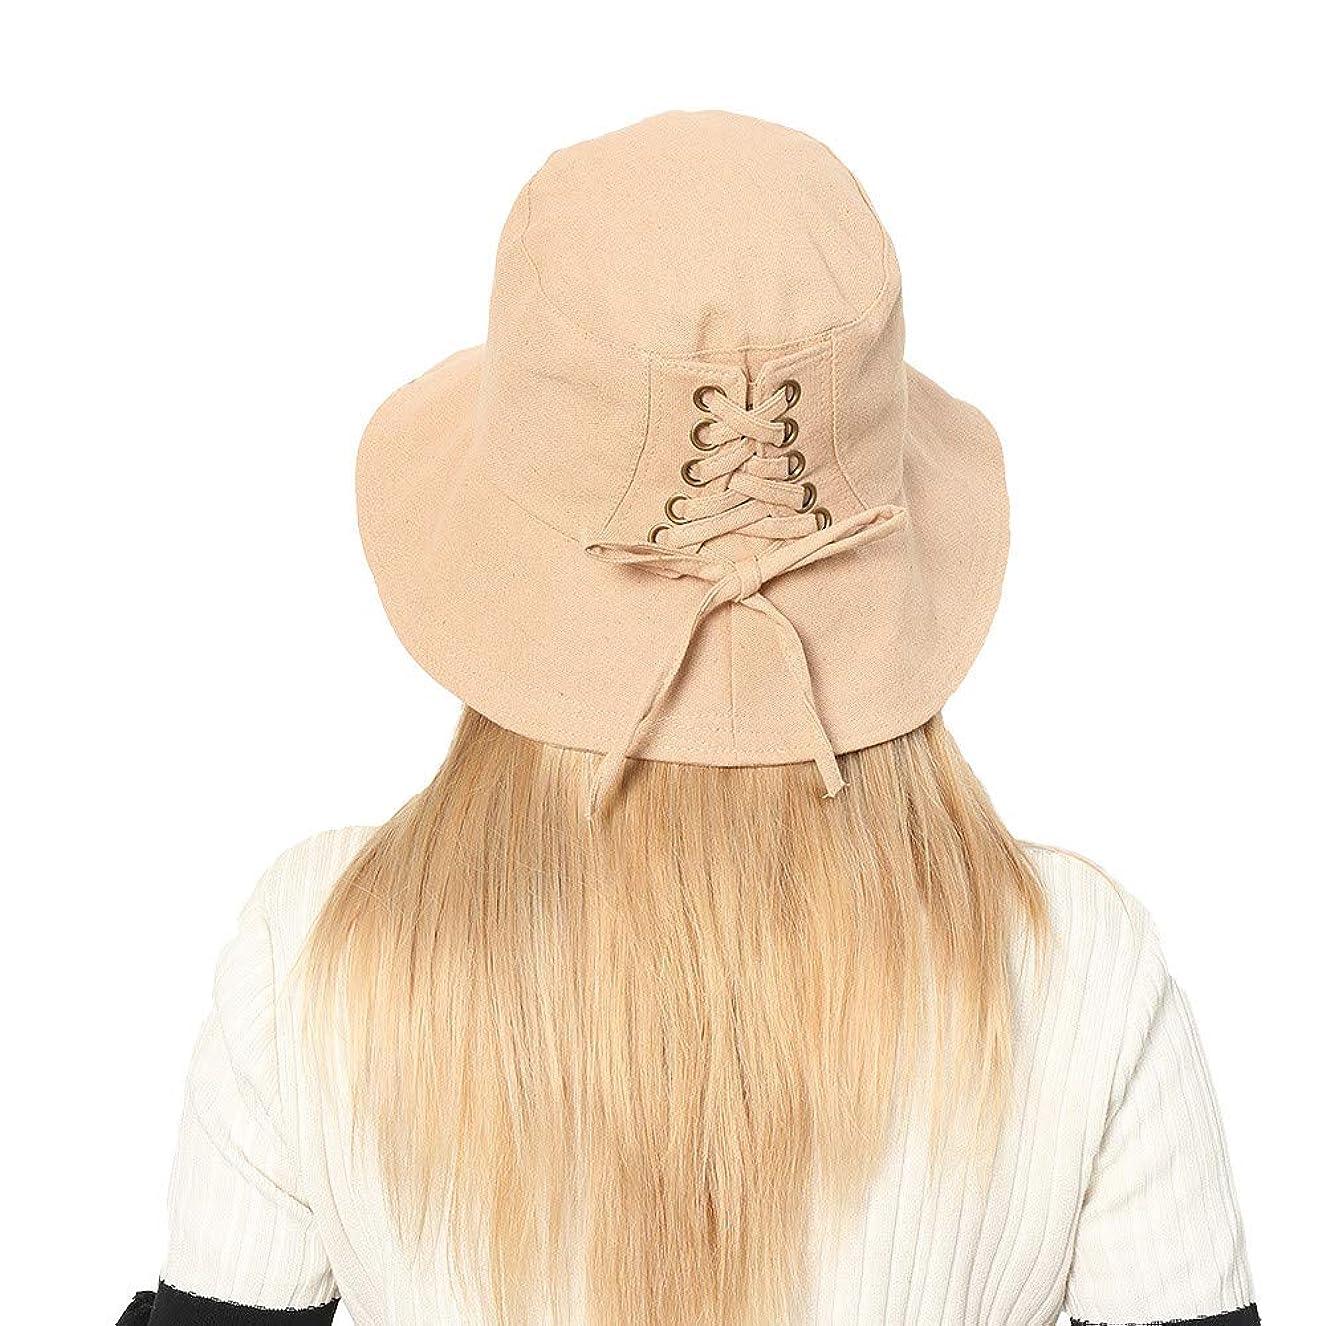 記録悔い改め不格好ハット レディース バイザー ホルダー 帽子 レディース 夏 女性 ハット UVカット 帽子 日焼け防止 サイズ調節 つば広 uvカット 釣り 旅行 野球 日除け ヘアバンド ベレー帽 帽子 サイズ調整 テープ ROSE ROMAN